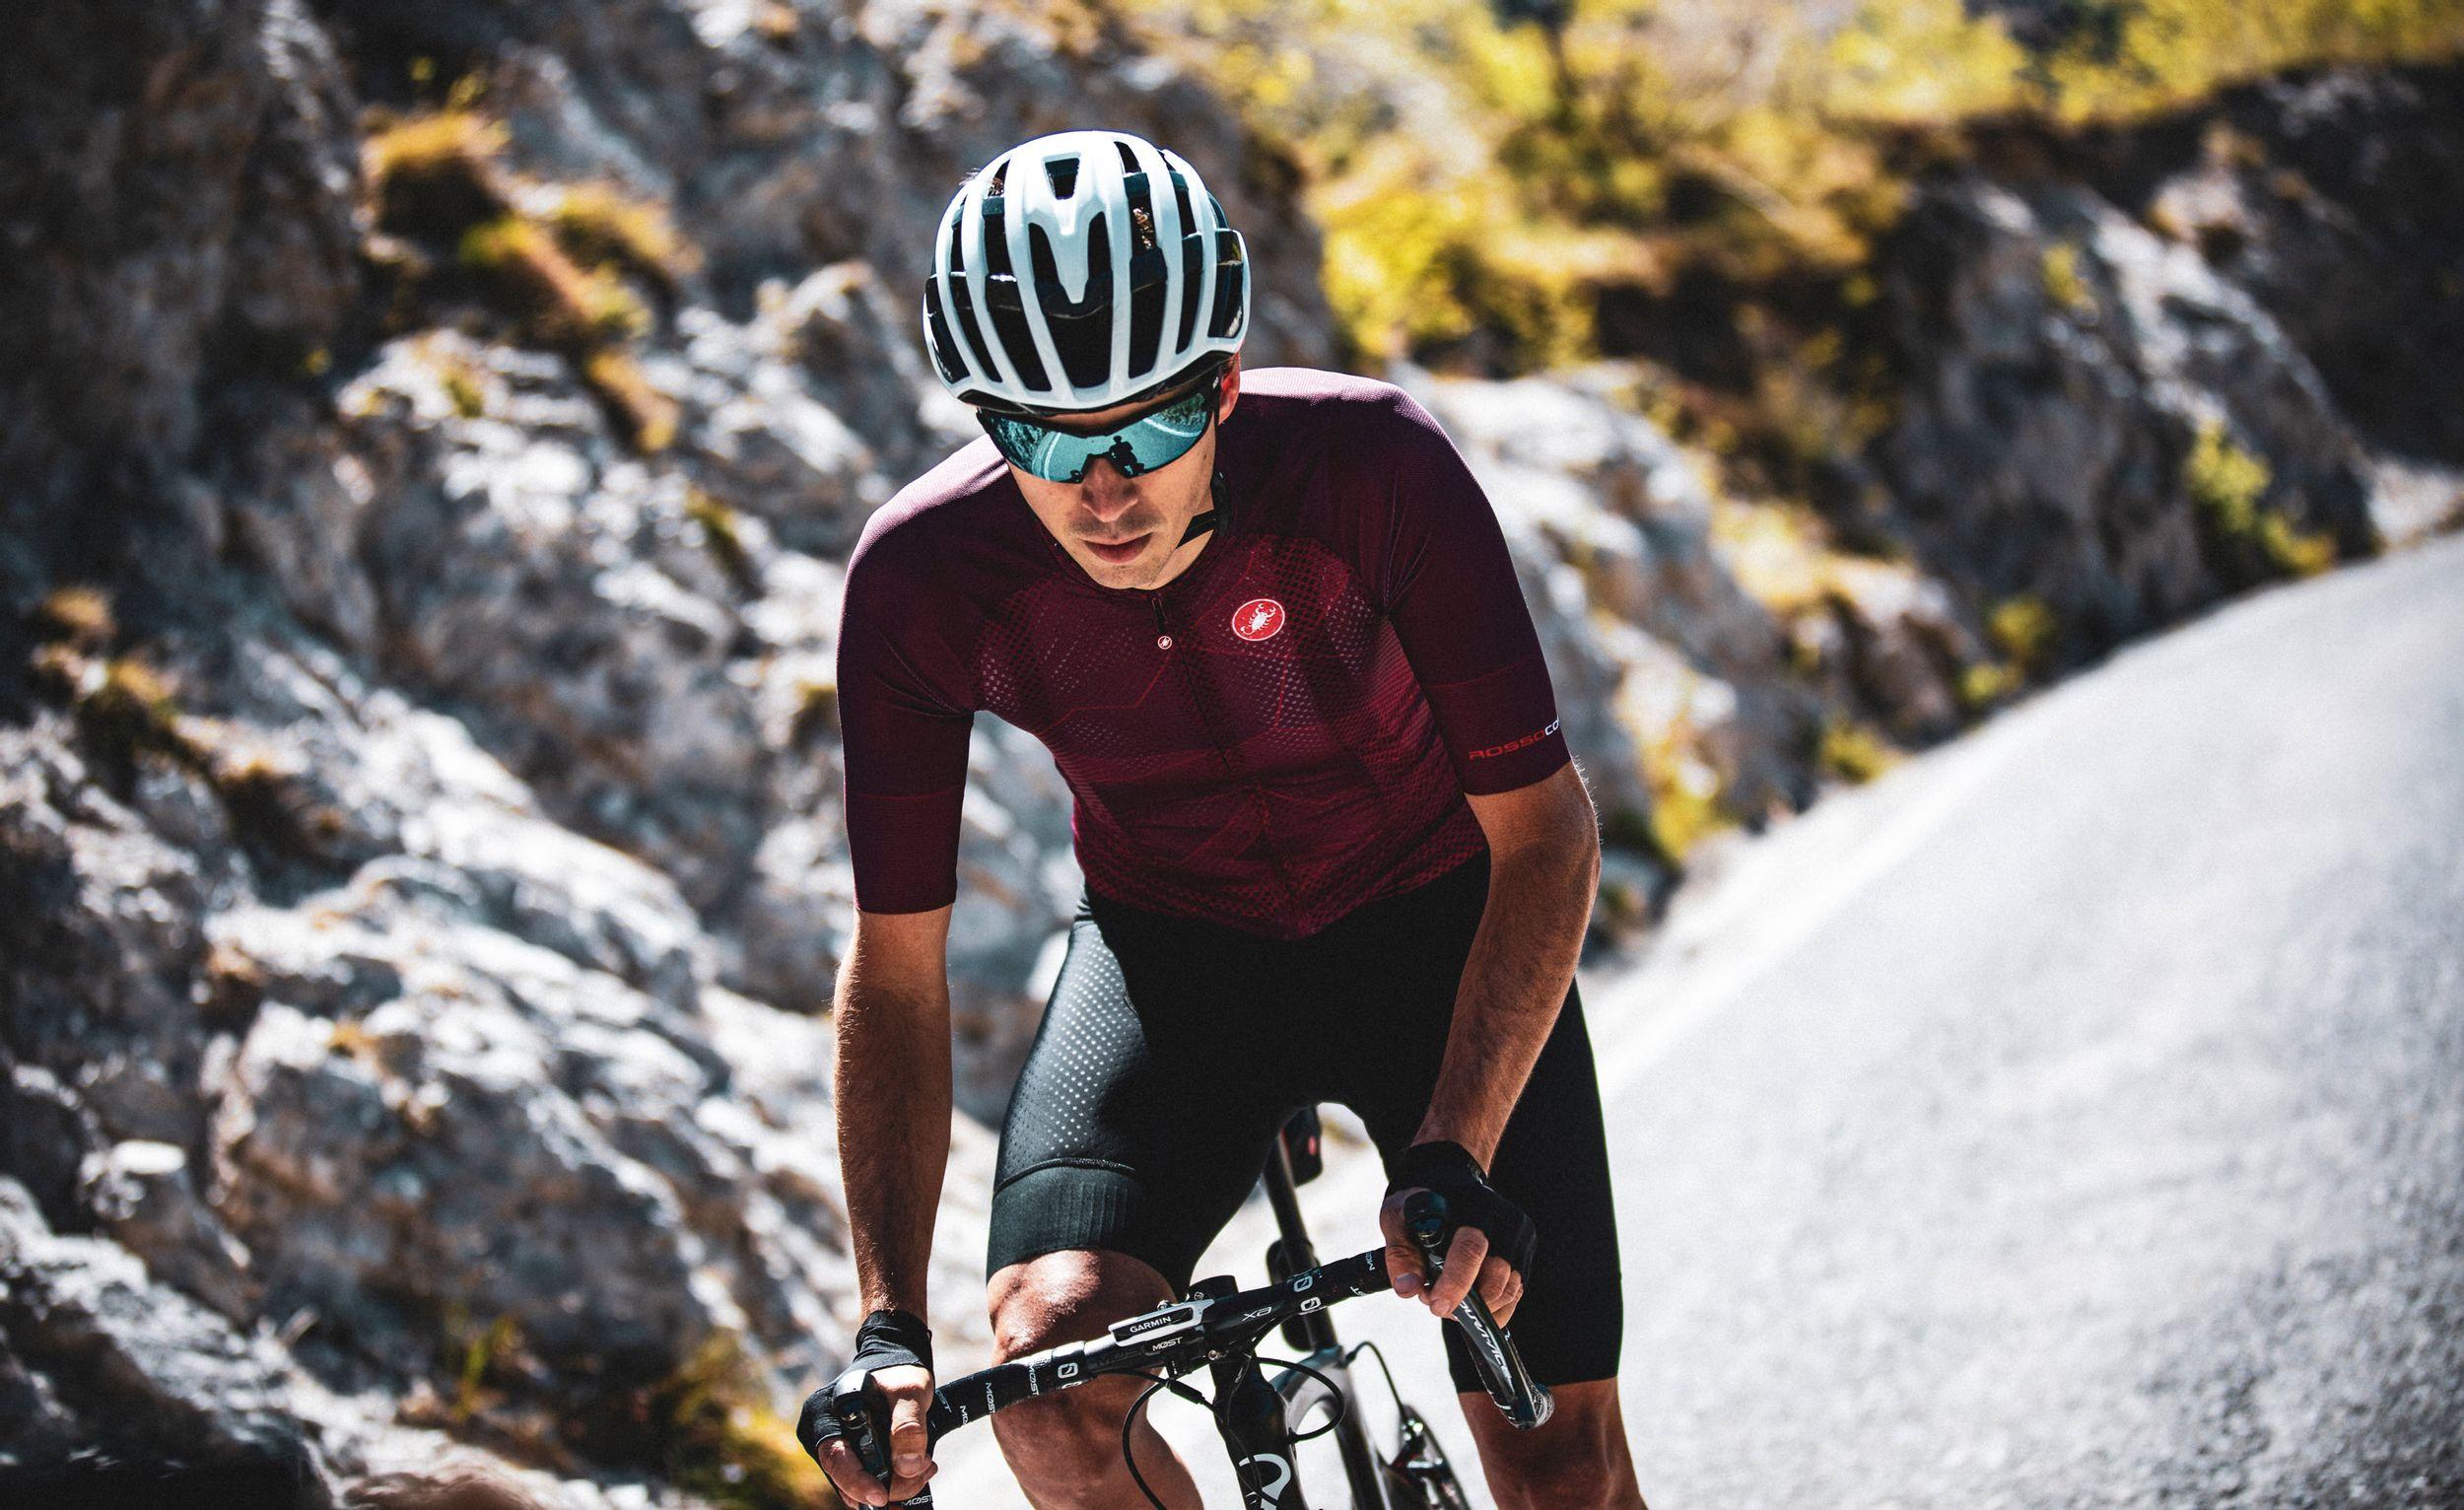 Castelli Climber's 3 Fietsshirt voor warme dagen